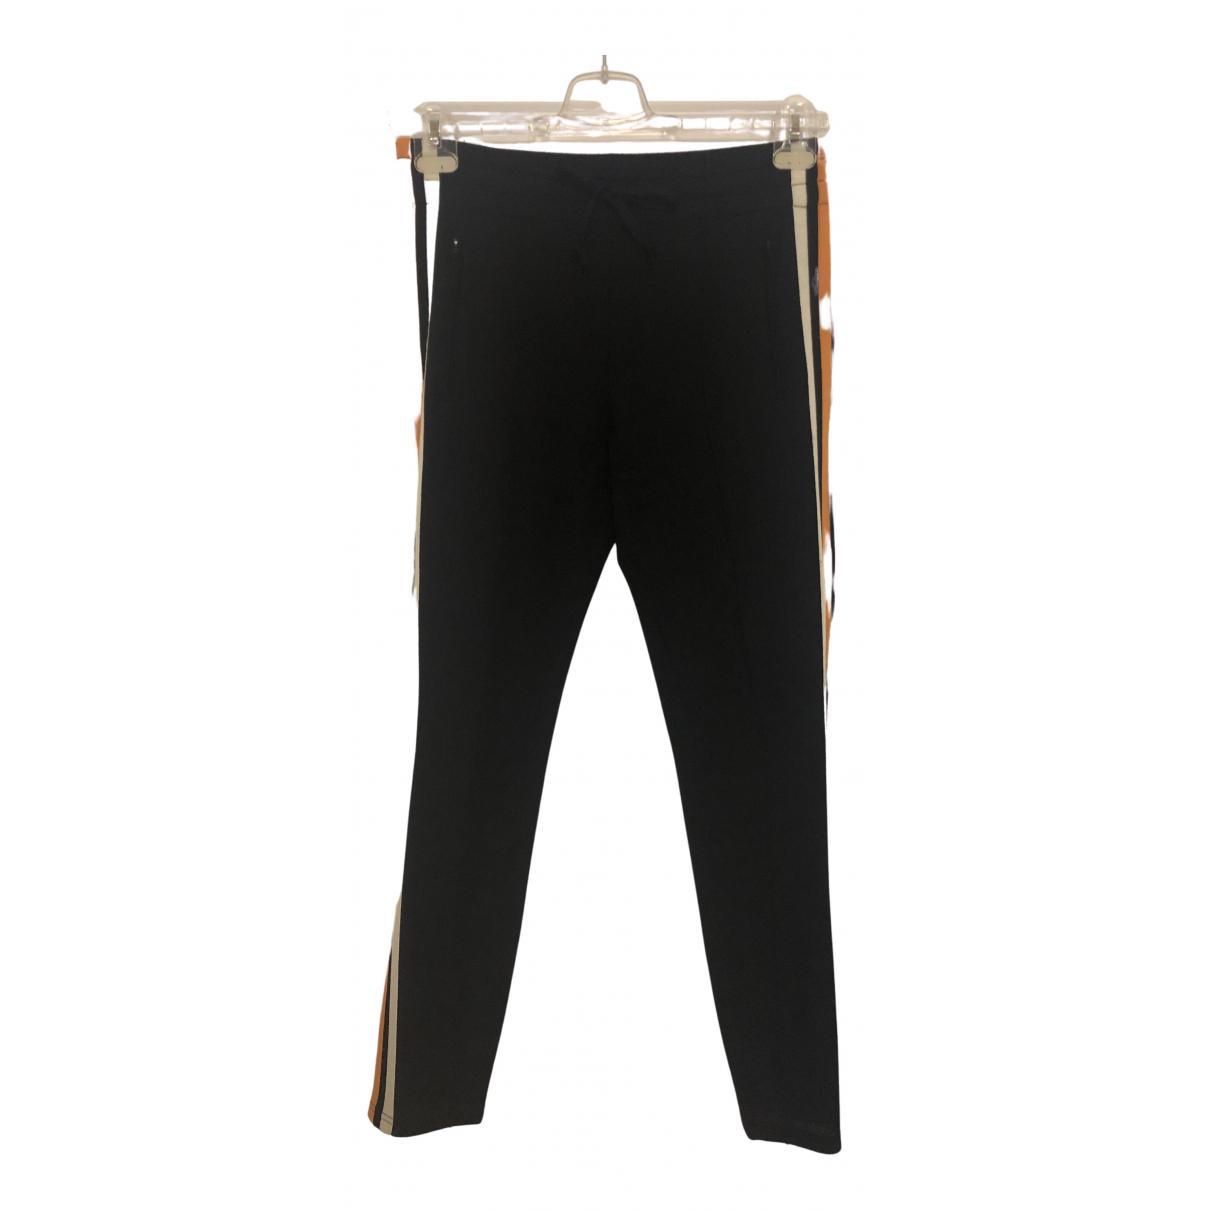 Pantalon en Viscosa Negro Isabel Marant Etoile